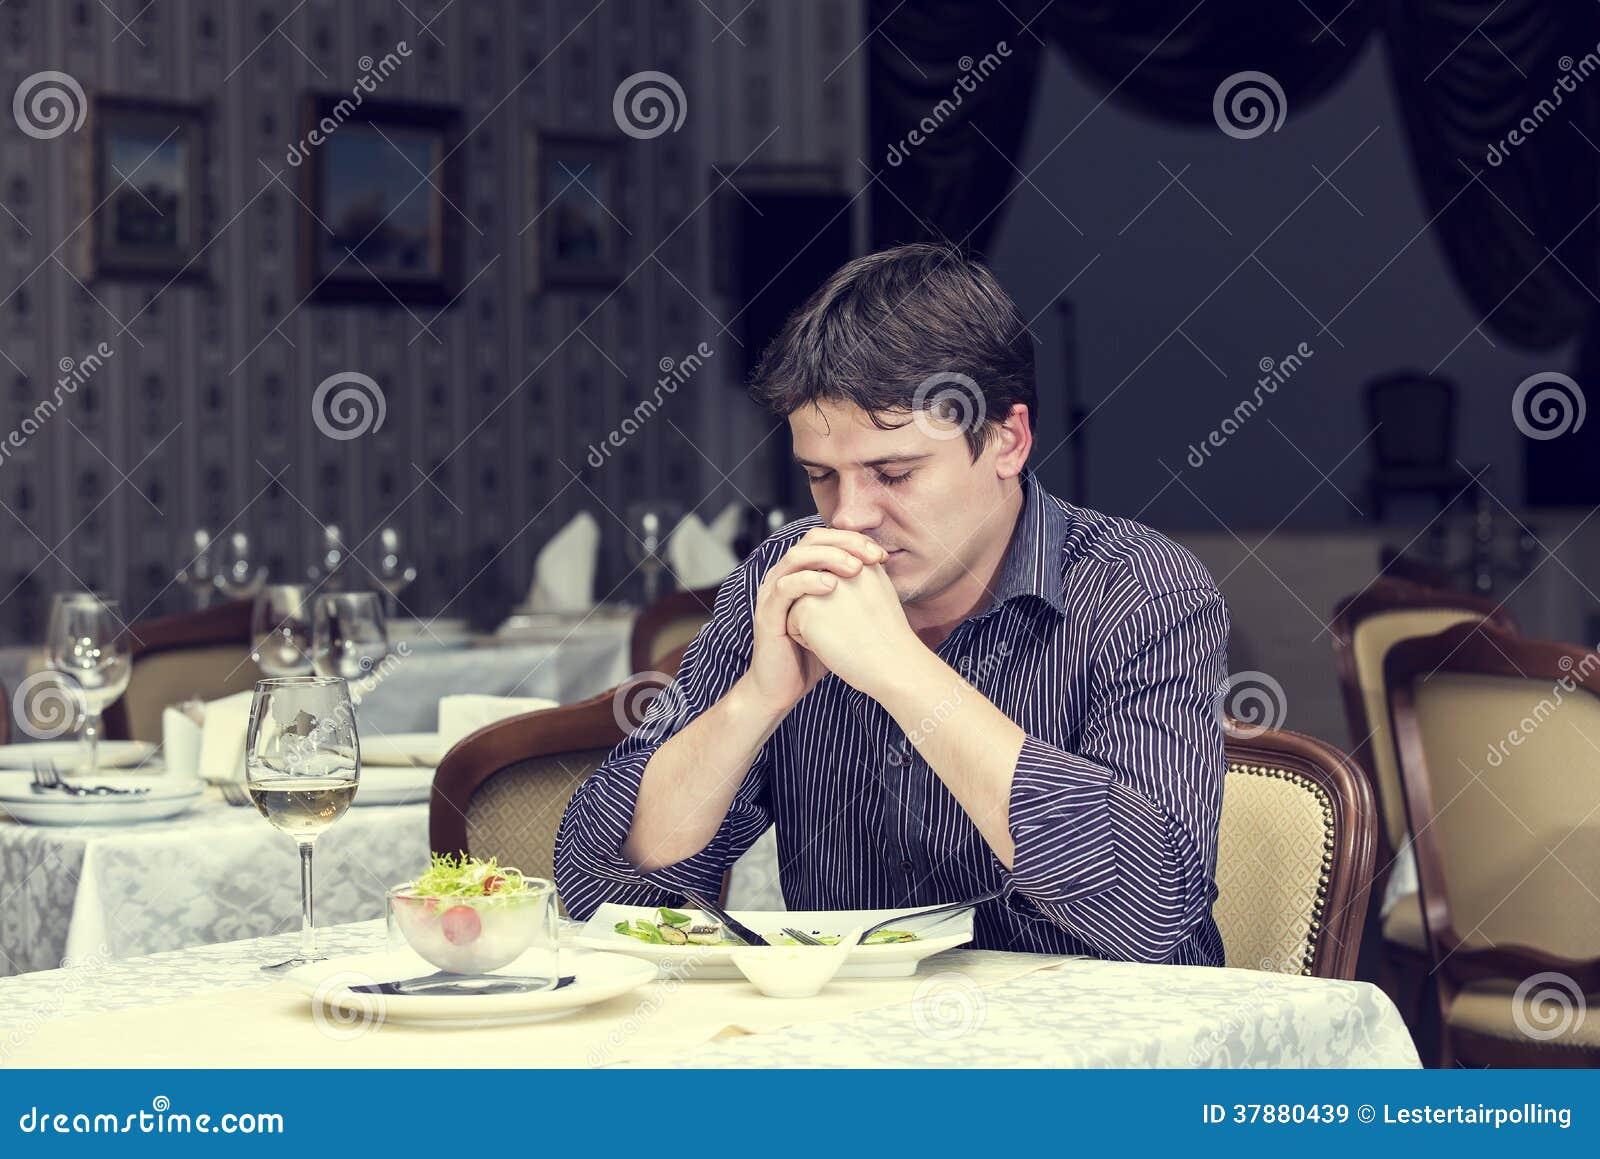 Één jonge mens dineert